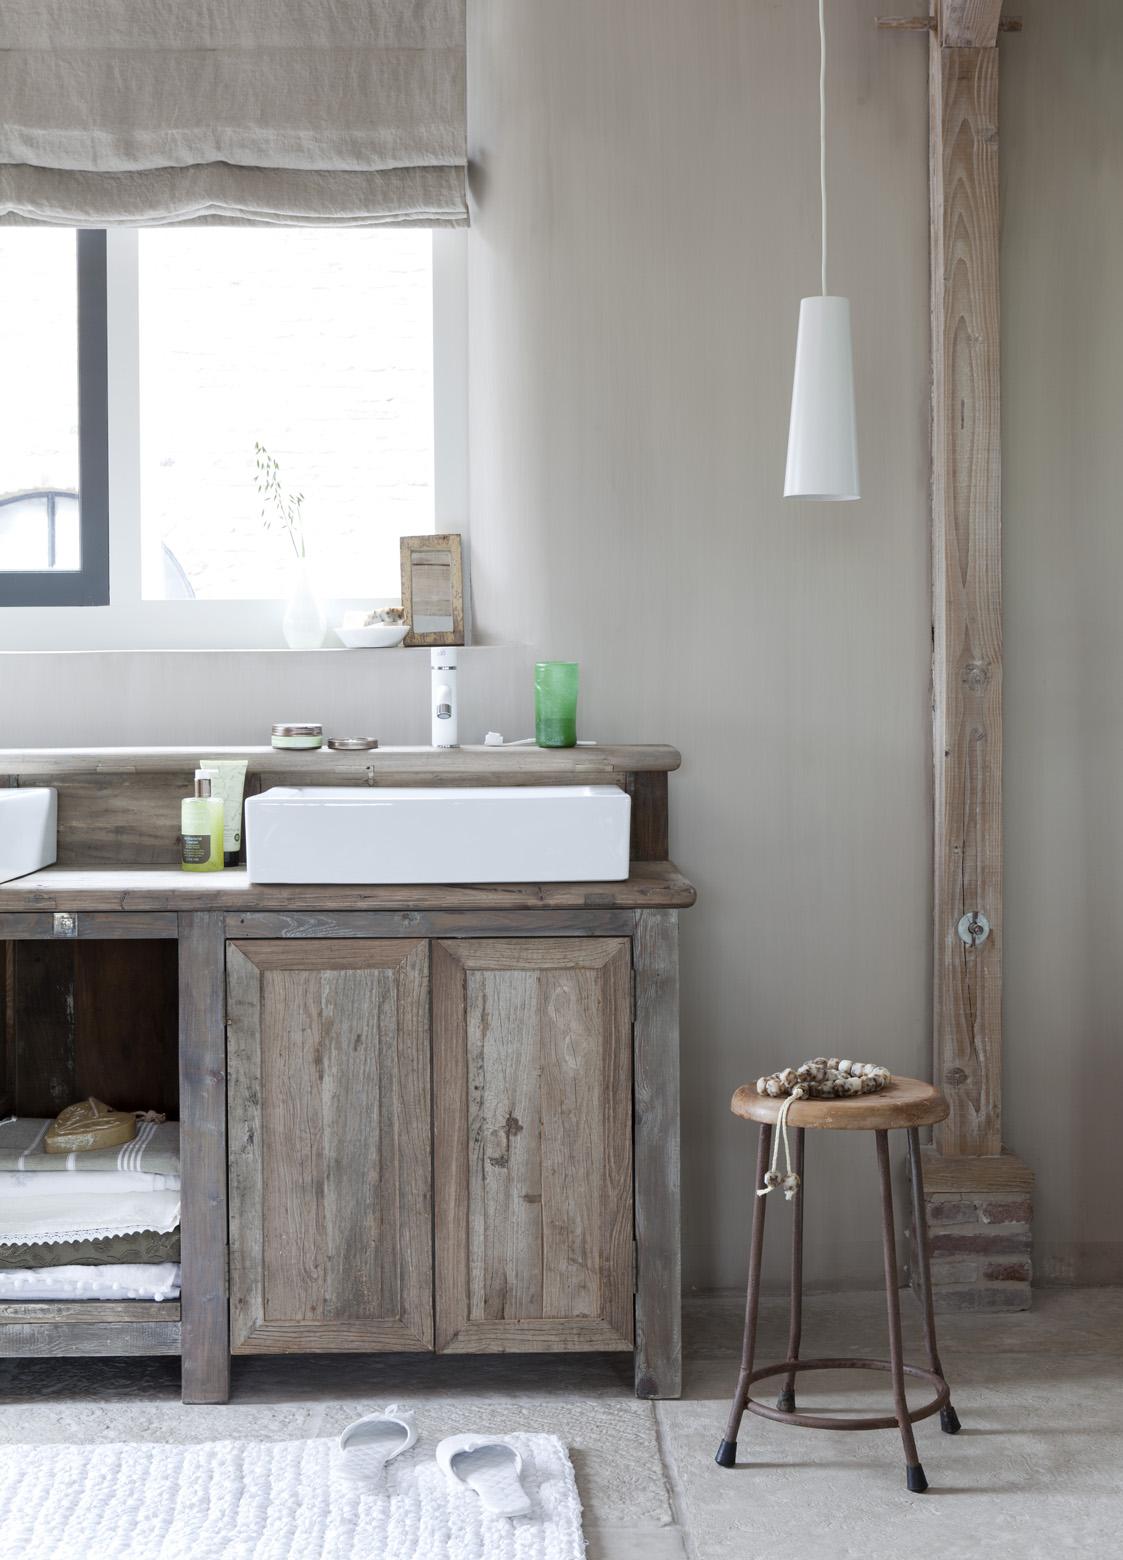 Meuble en bois brut, ambiance nature || Le choix des meubles de cuisine ou salle de bain en bois brut